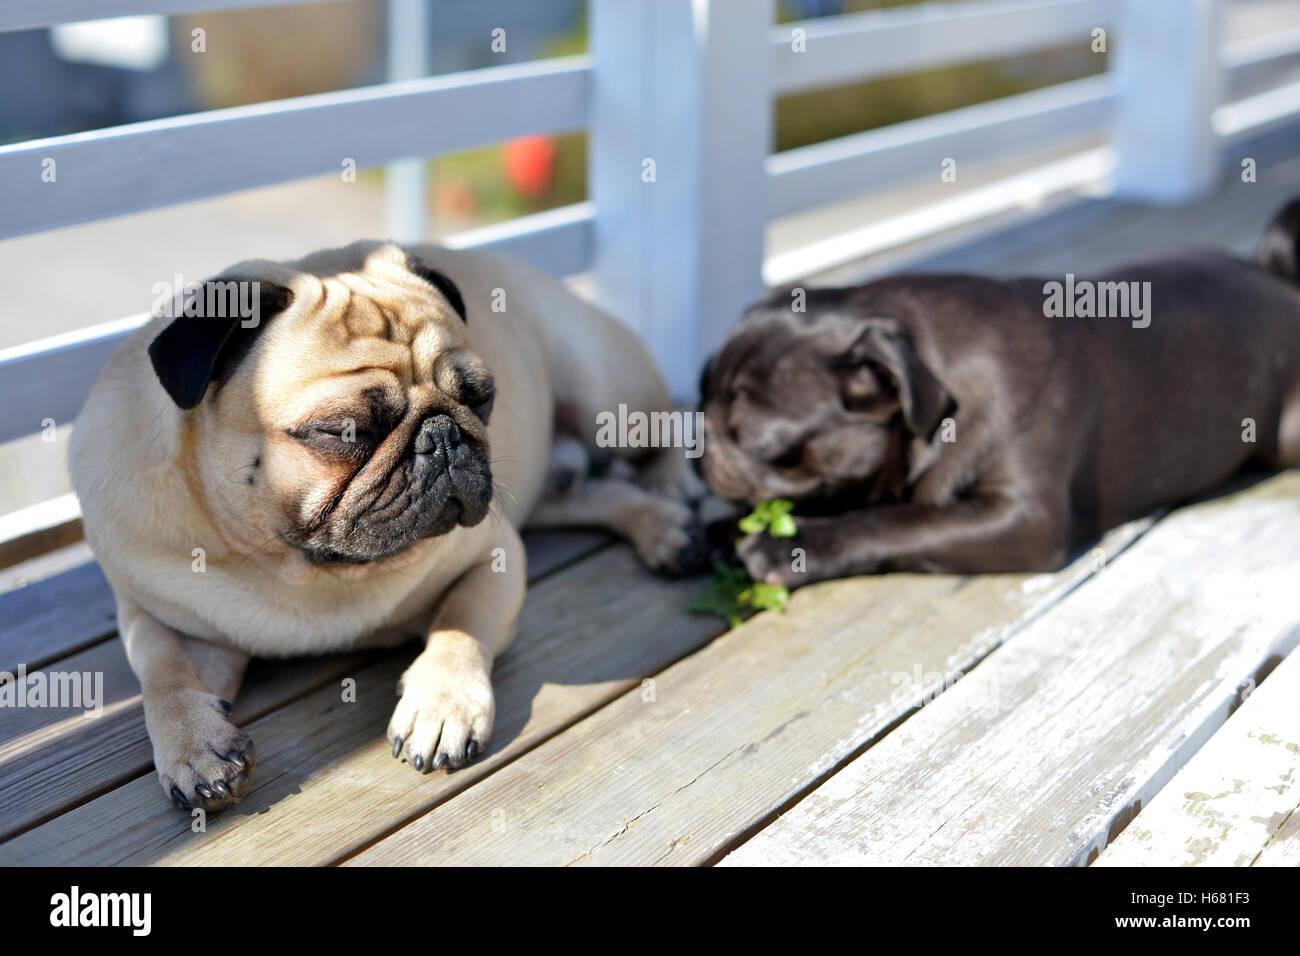 Pug's life - Stock Image